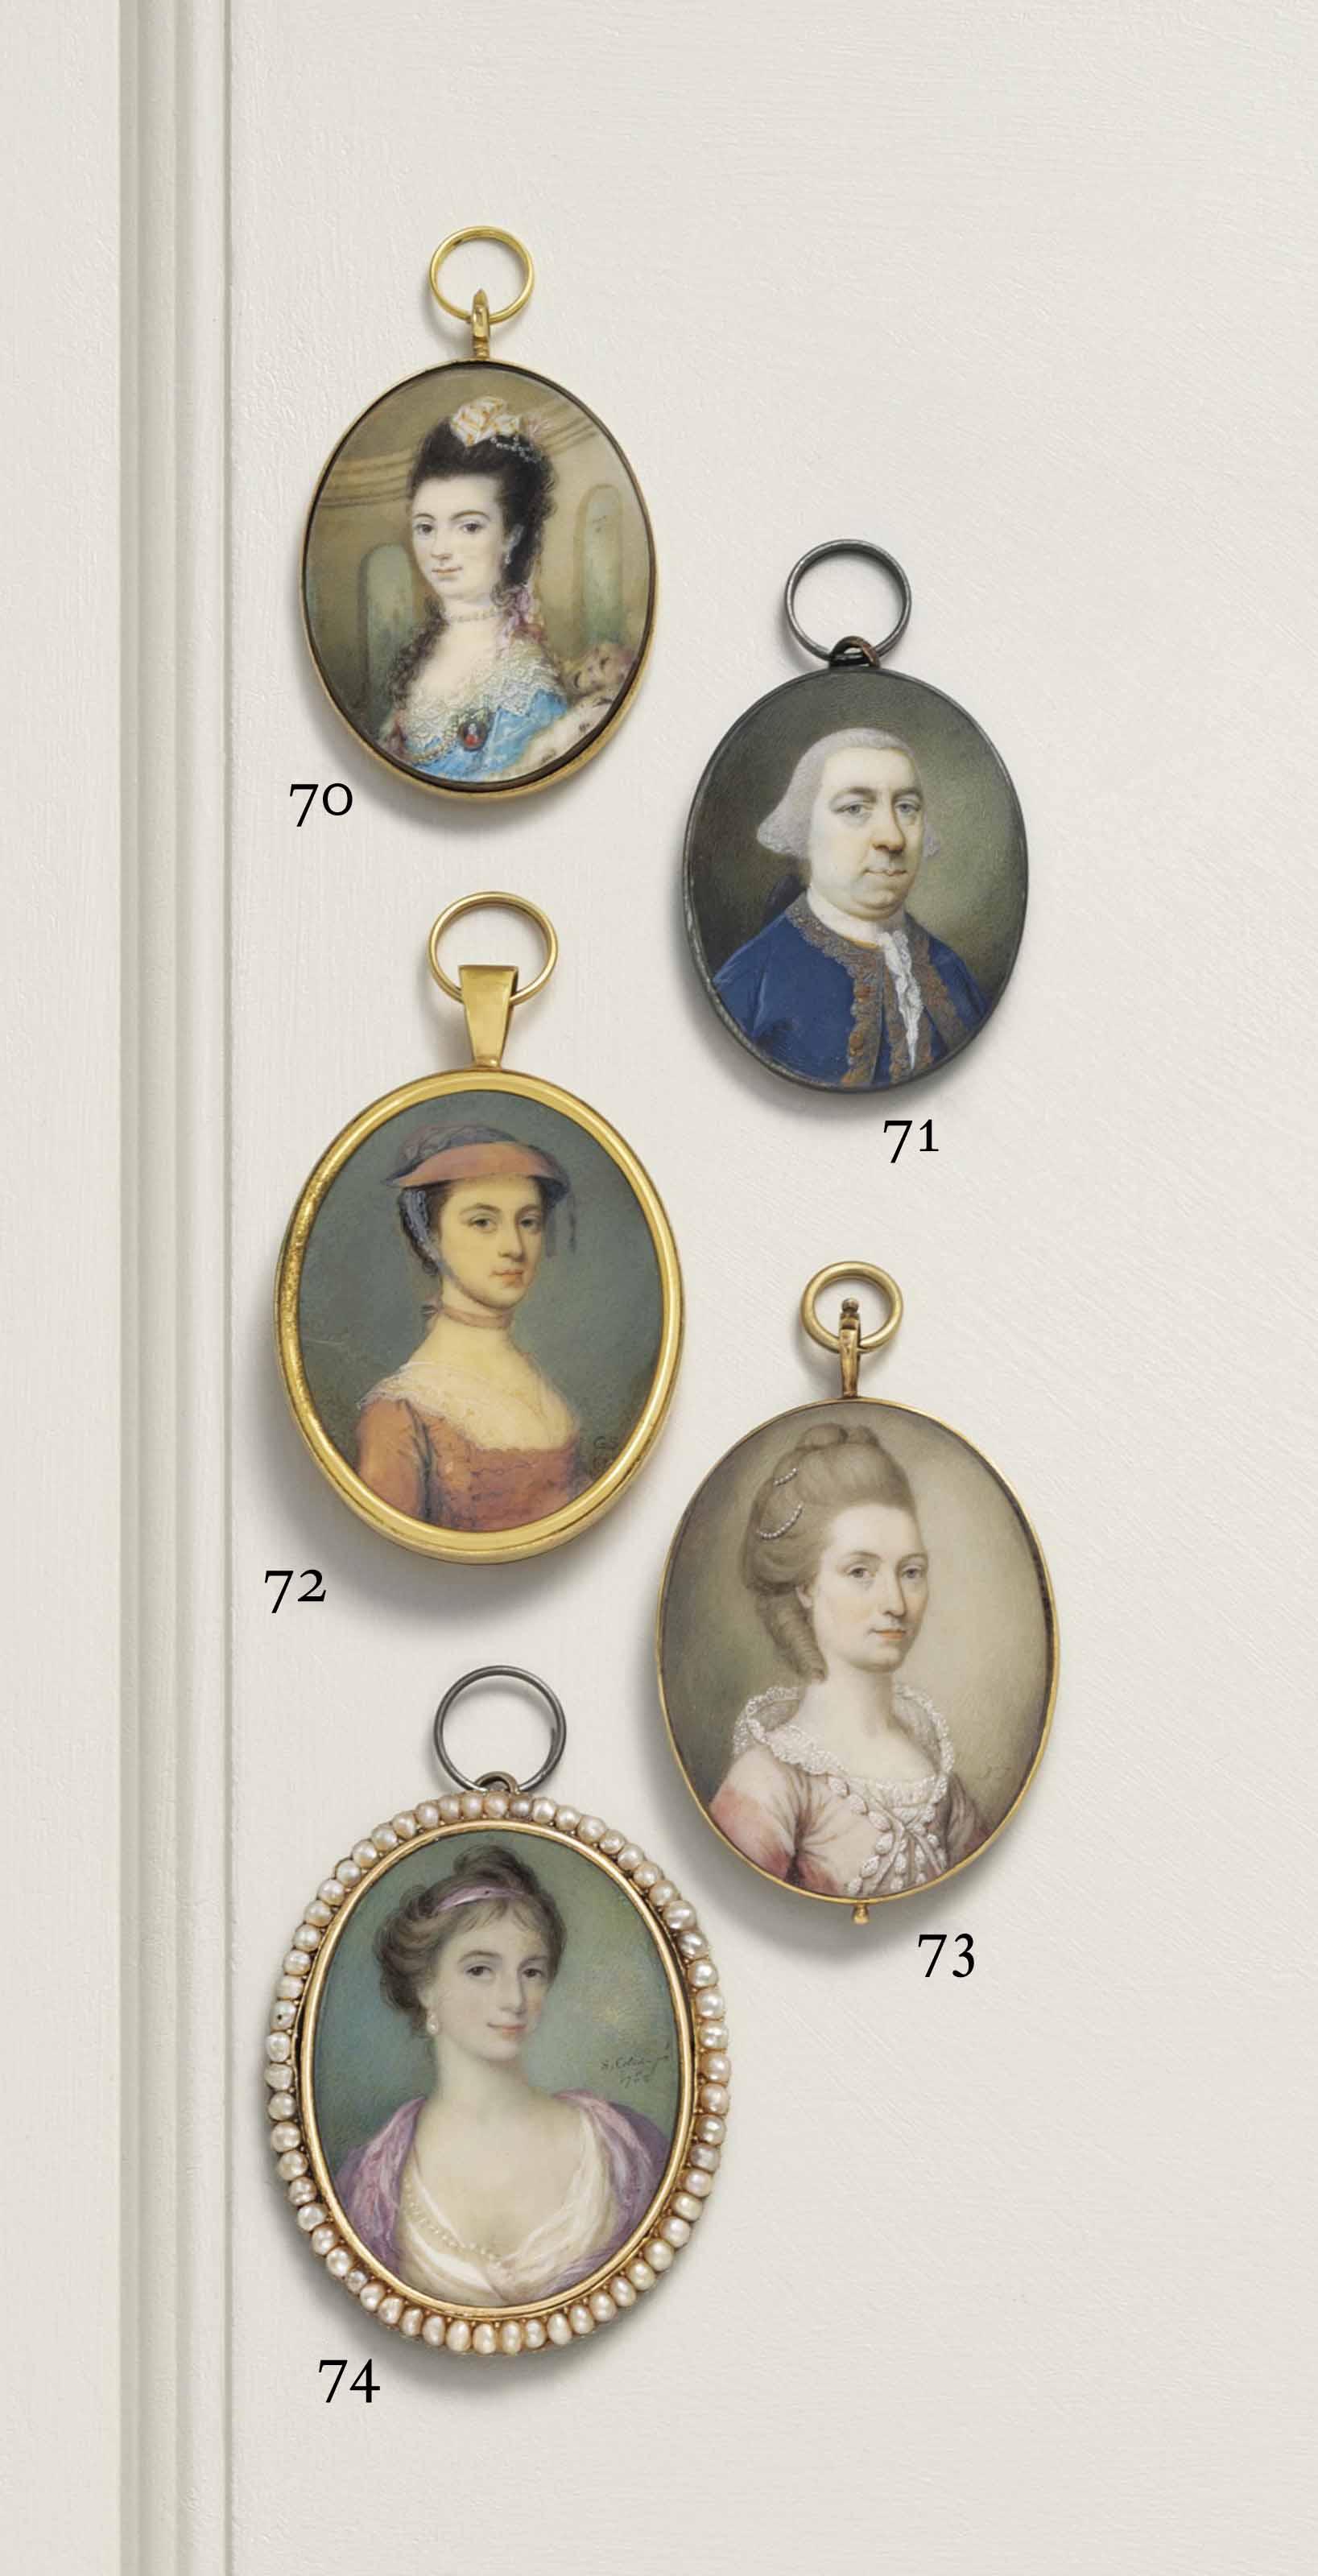 GERVASE SPENCER (BRITISH, C. 1715-1763)